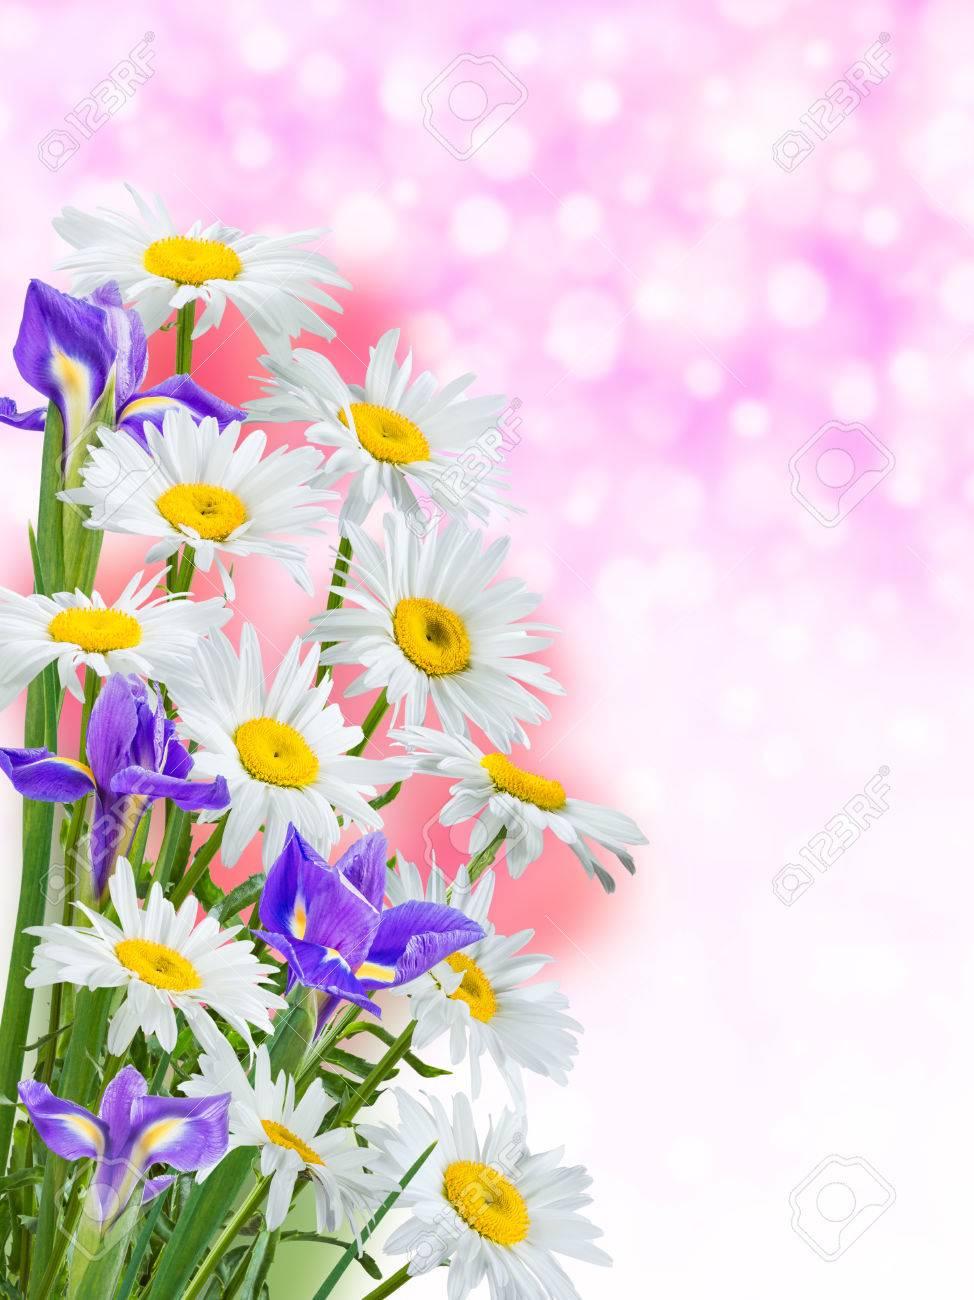 la naturaleza de fondo con flores preciosas foto de archivo 35027563 - Fotos De Flores Preciosas